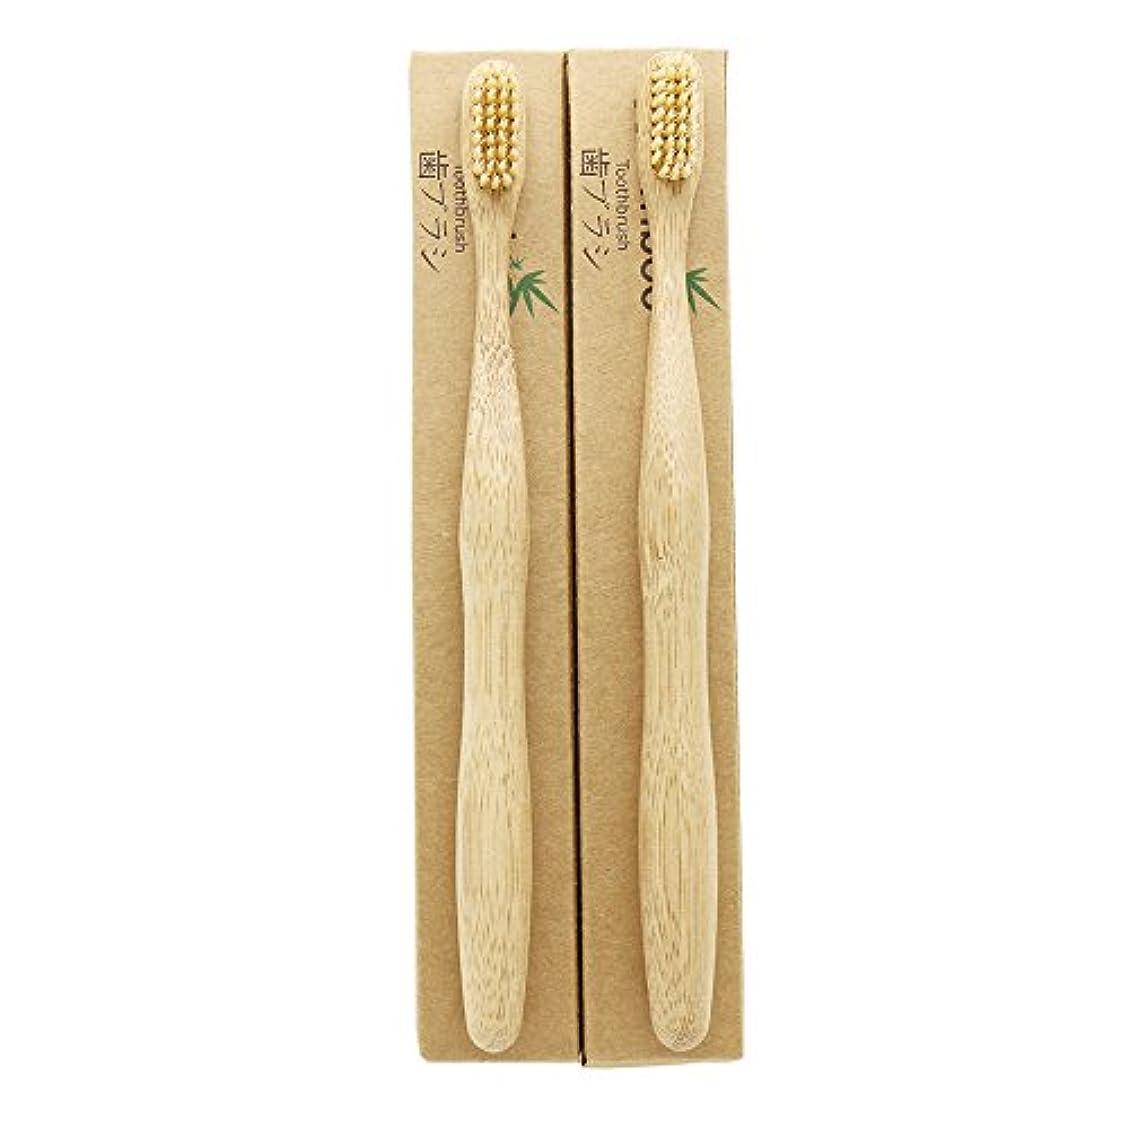 谷逃げる例外N-amboo 竹製耐久度高い 歯ブラシ ハンドル大きい 2本入りセット ベージュ